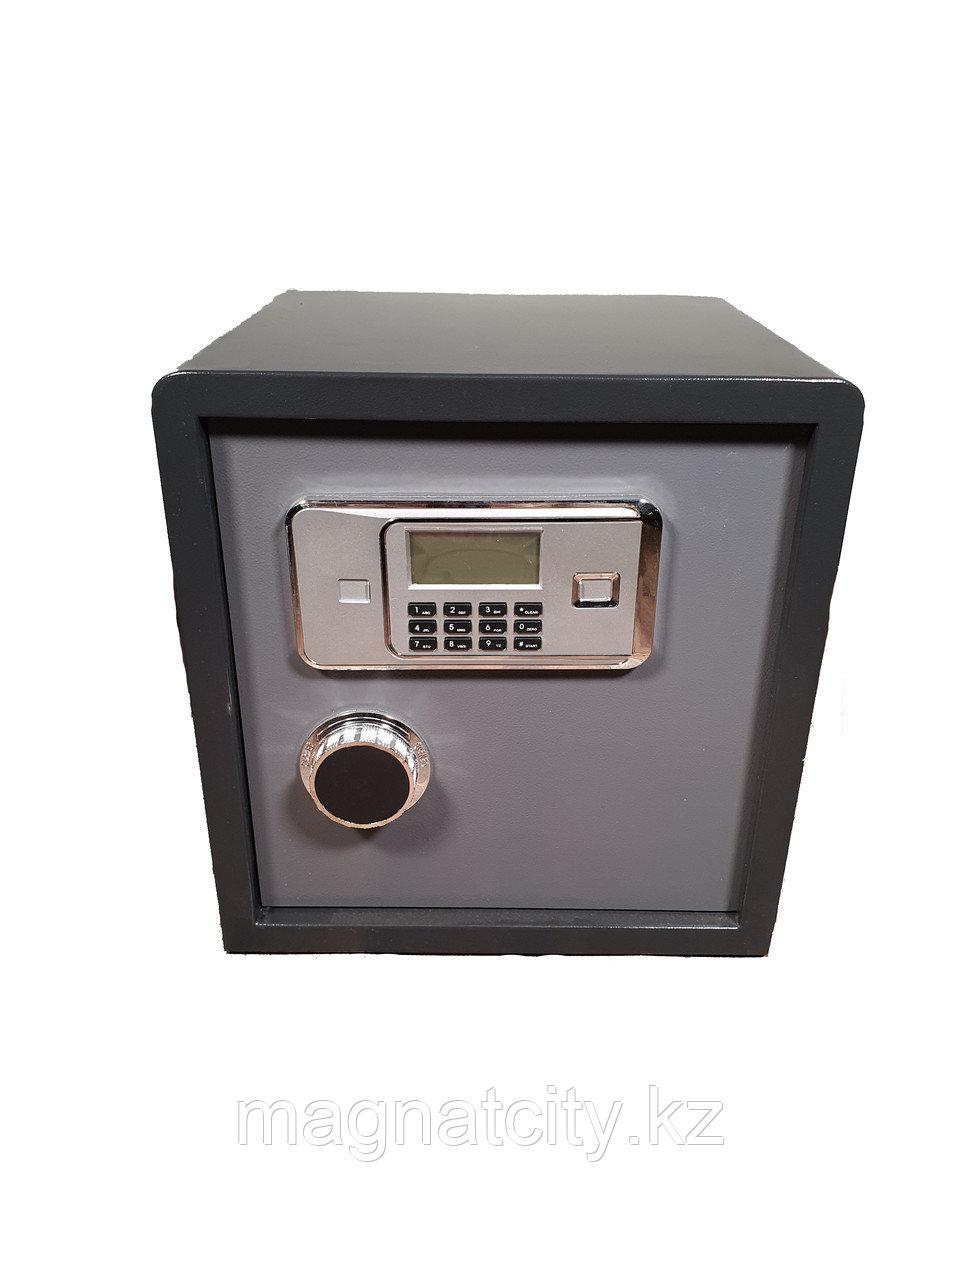 Сейф мебельный 40GB (40*37*34см, 19кг.)